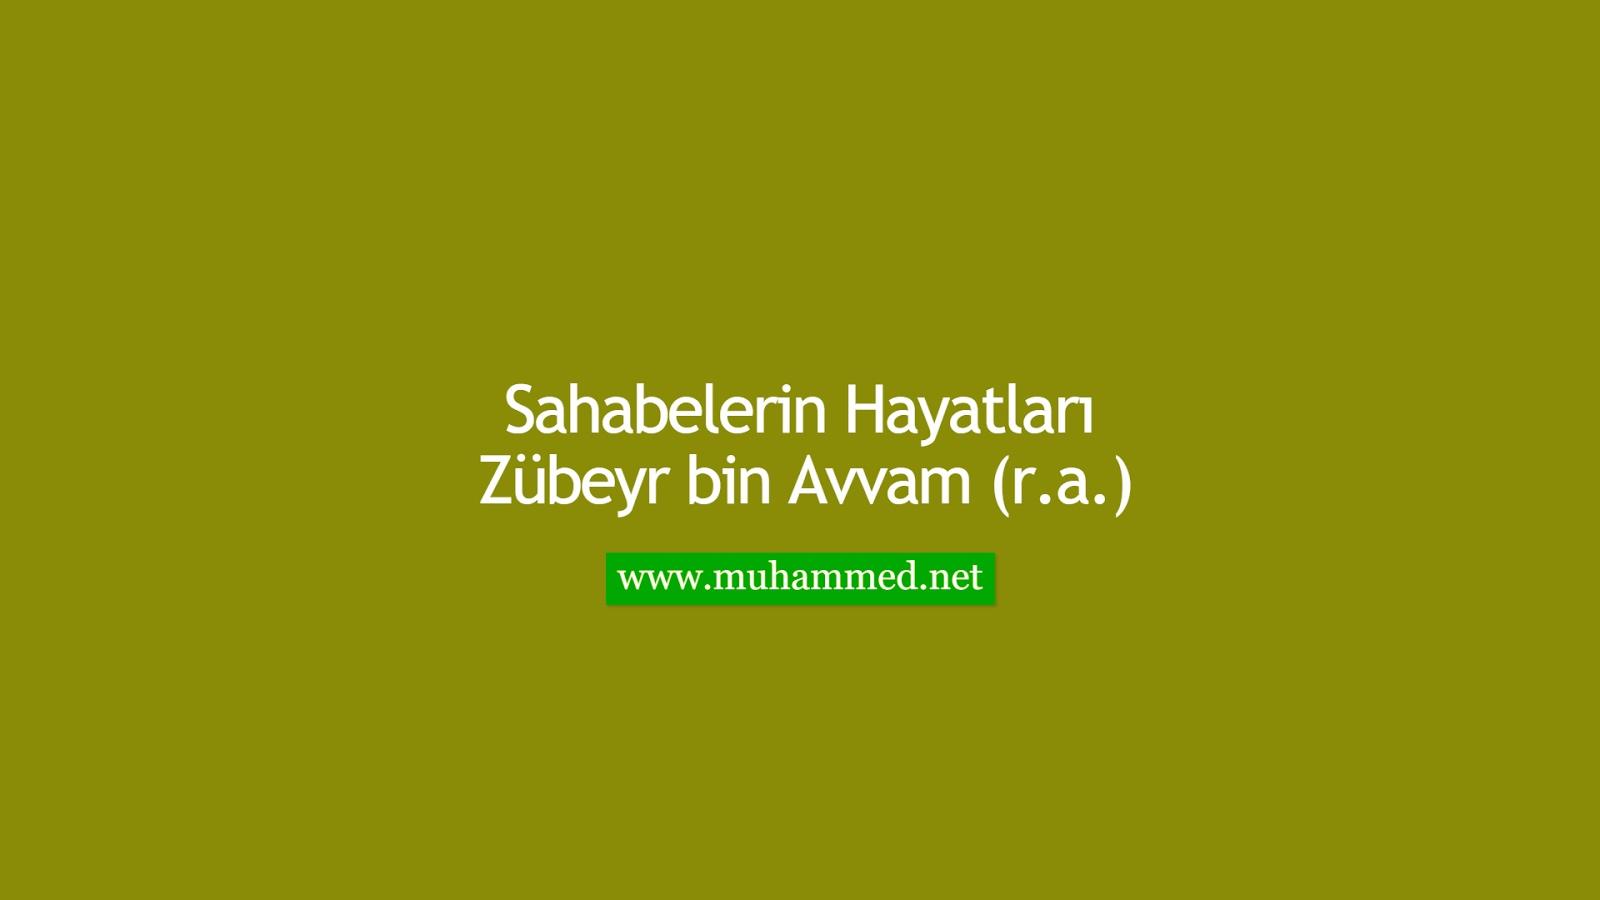 Zübeyr bin Avvam (r.a.)